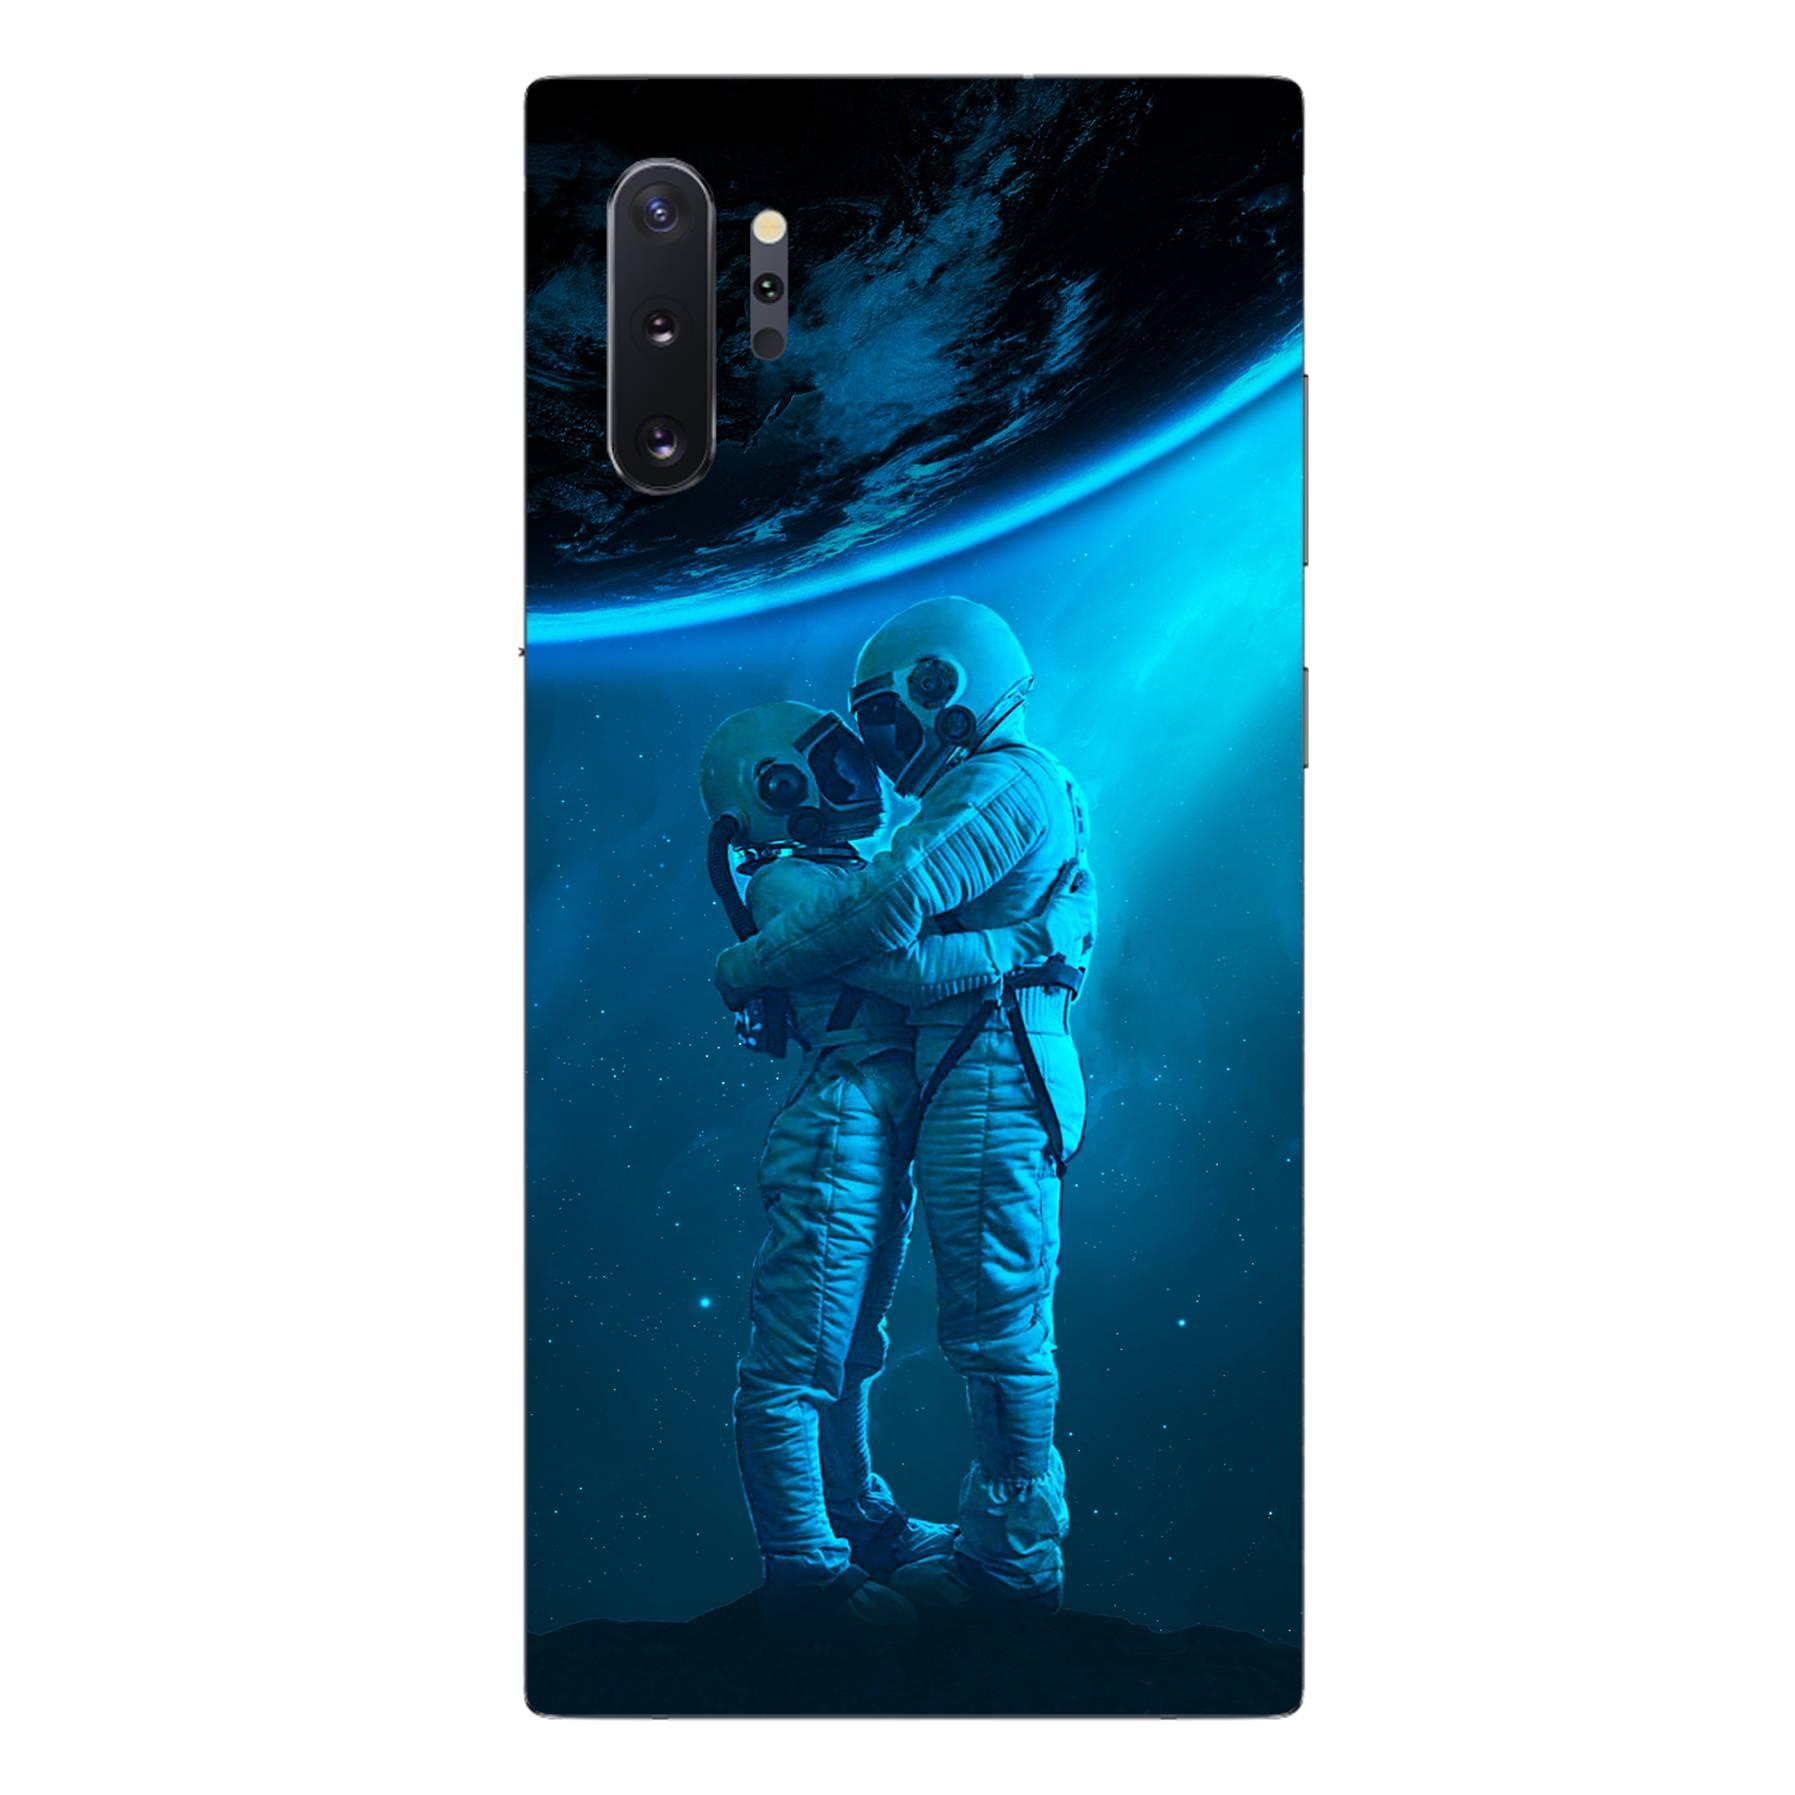 E-pic szilikon védő tok / hátlap - Szerelmes űrhajós pár mintás - SAMSUNG Galaxy Note10+ 5G (SM-N976F)